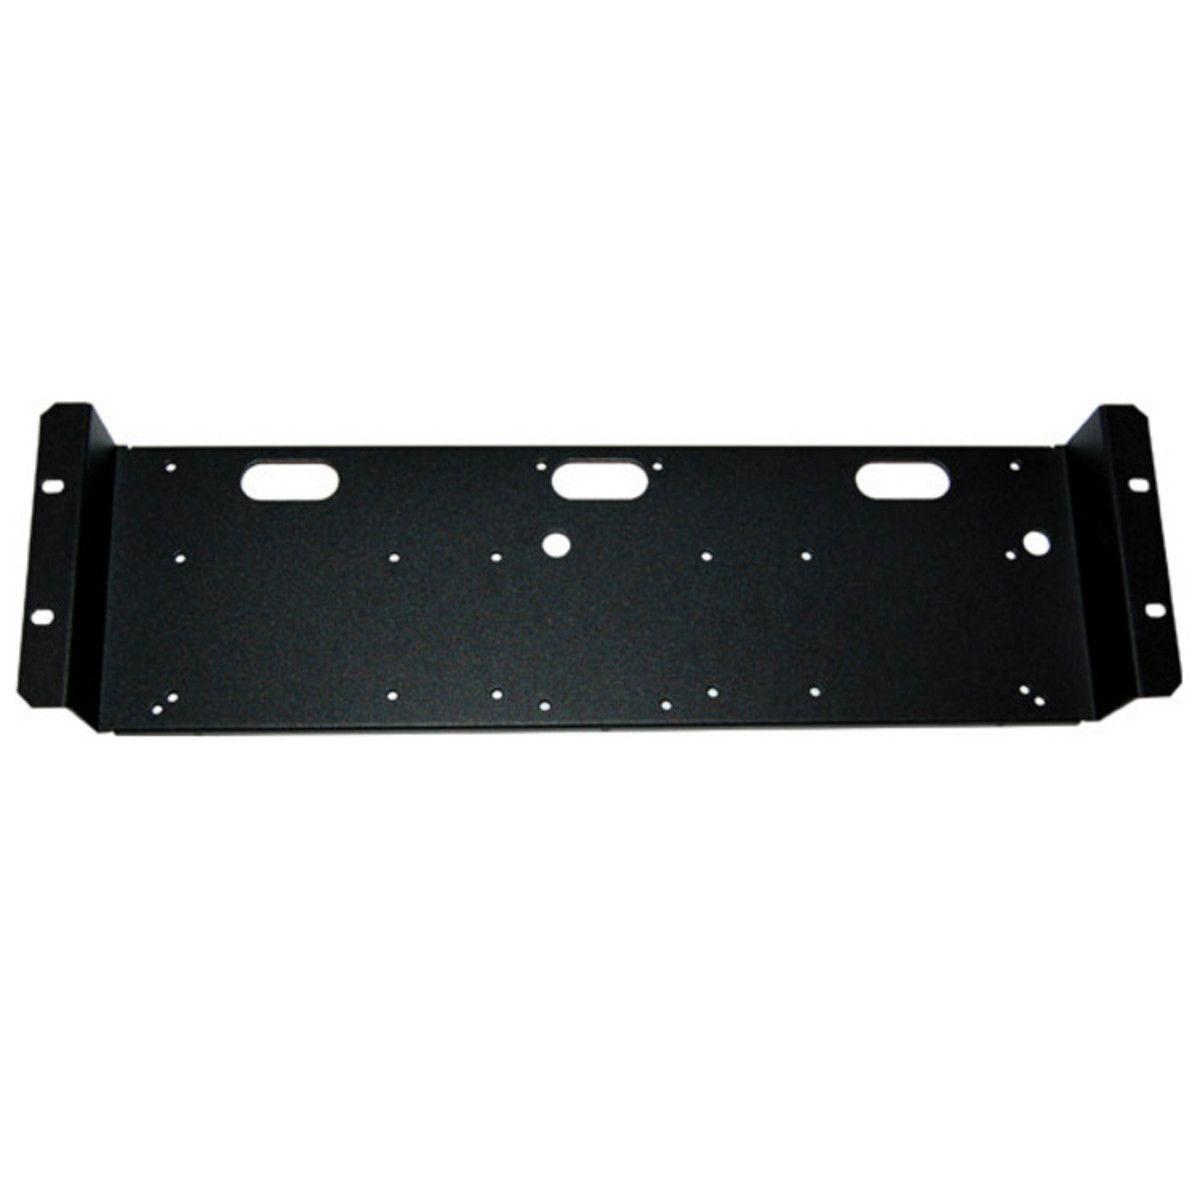 Moog Music Rack Mount Kit for VX-351 & CP-251 (RM-KIT-0001)